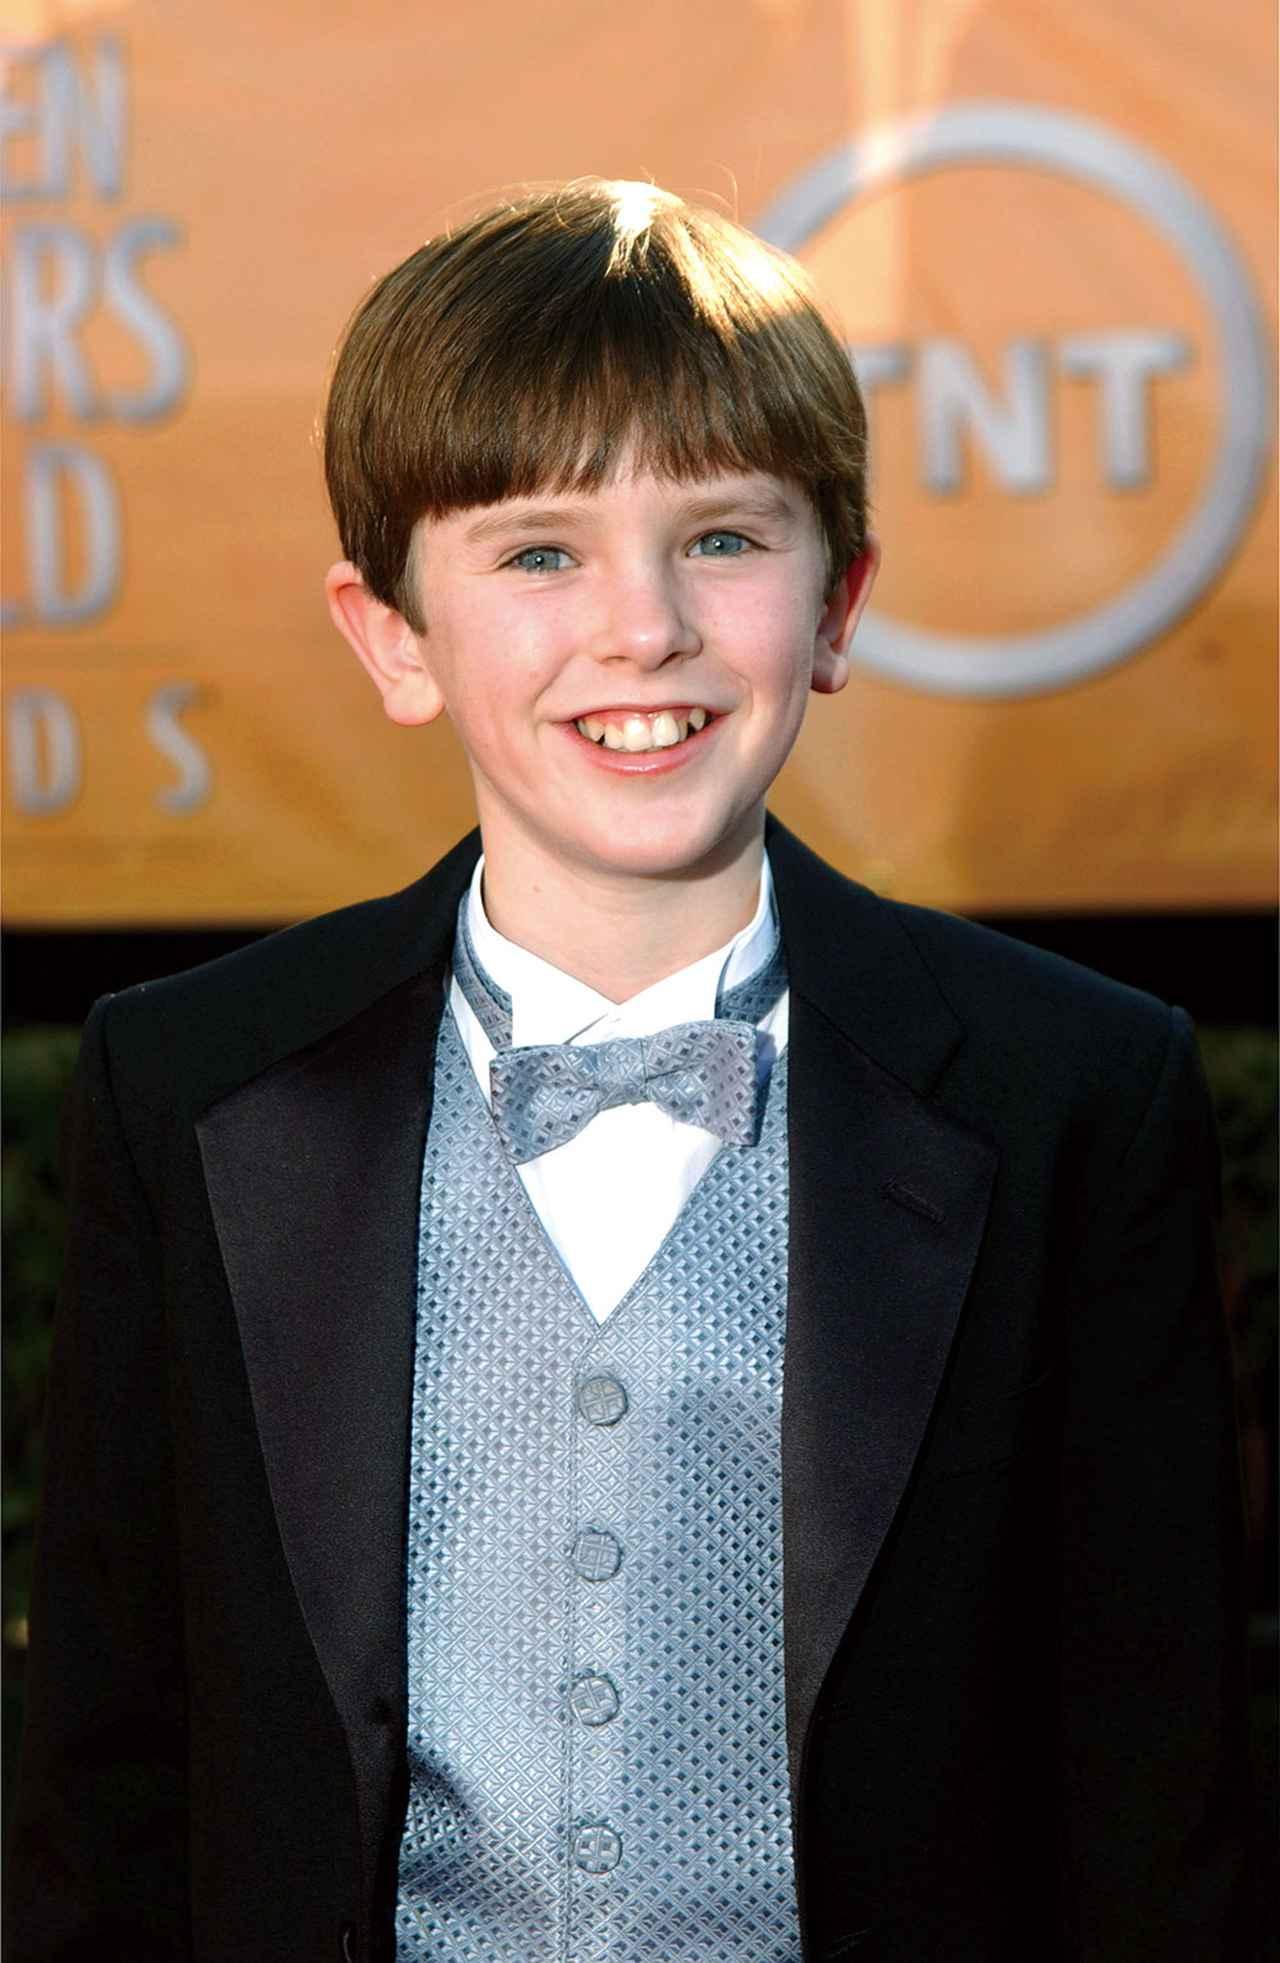 画像: 12 years old Photo by Jon Kopaloff /FilmMagic/Getty Images